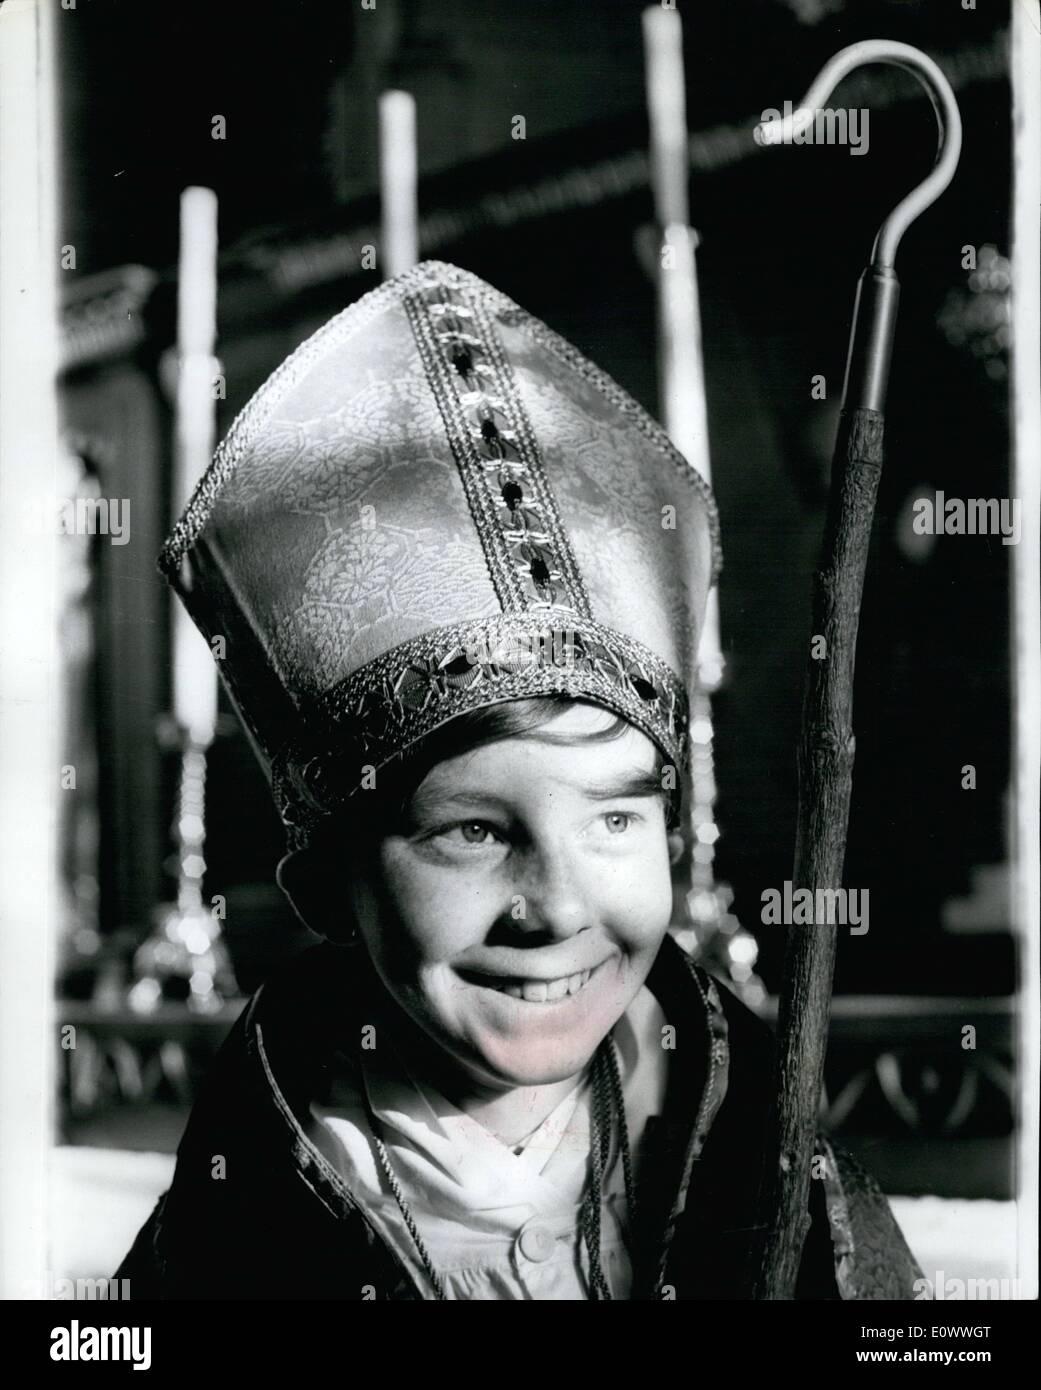 Boy Bishop Stockfotos & Boy Bishop Bilder - Alamy